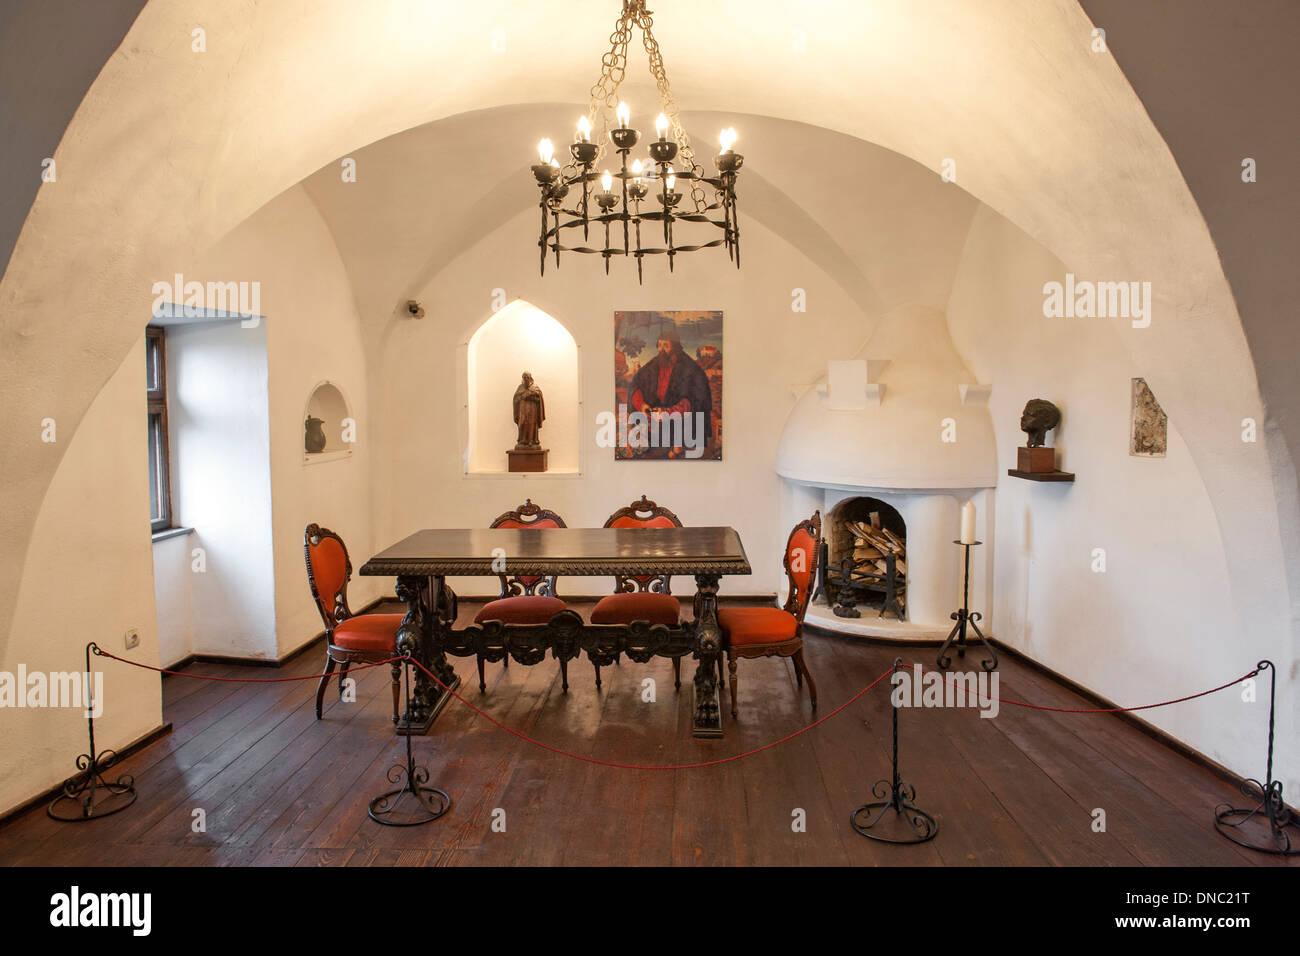 Attractive Interior Of Bran Castle In The Transylvania Region Of Central Romania